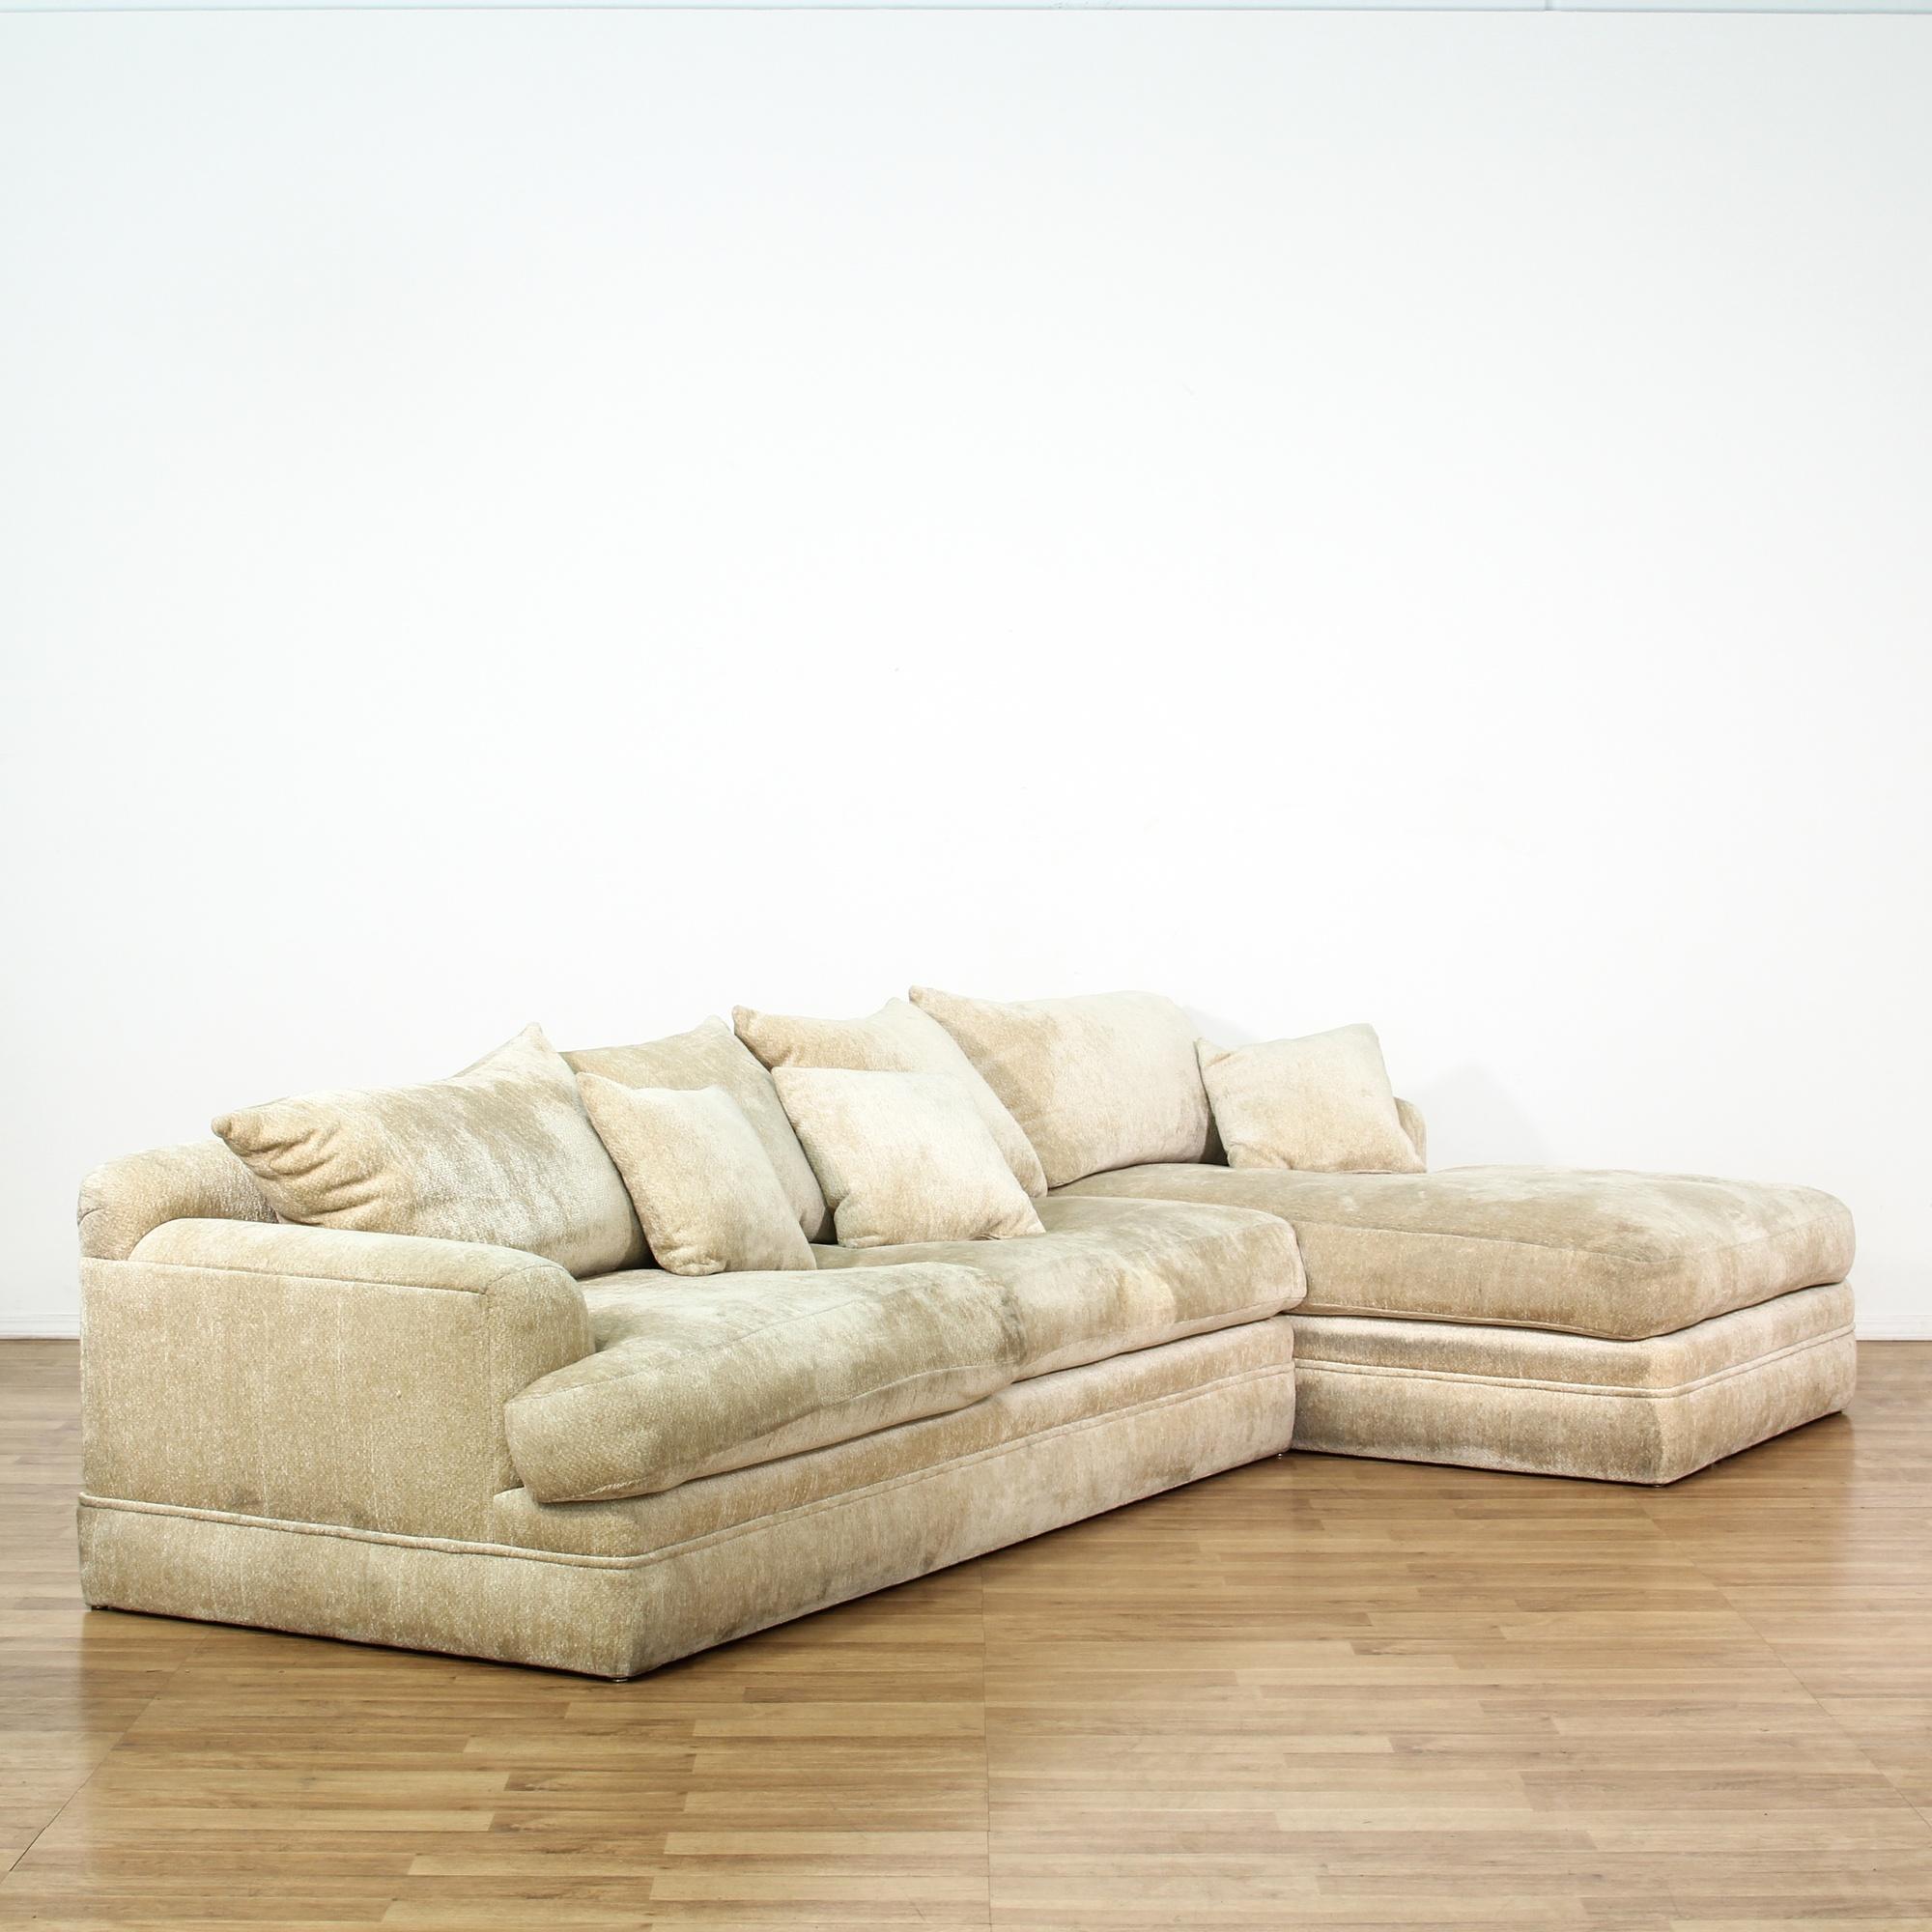 2 Piece Contemporary Cream Sectional Sofa